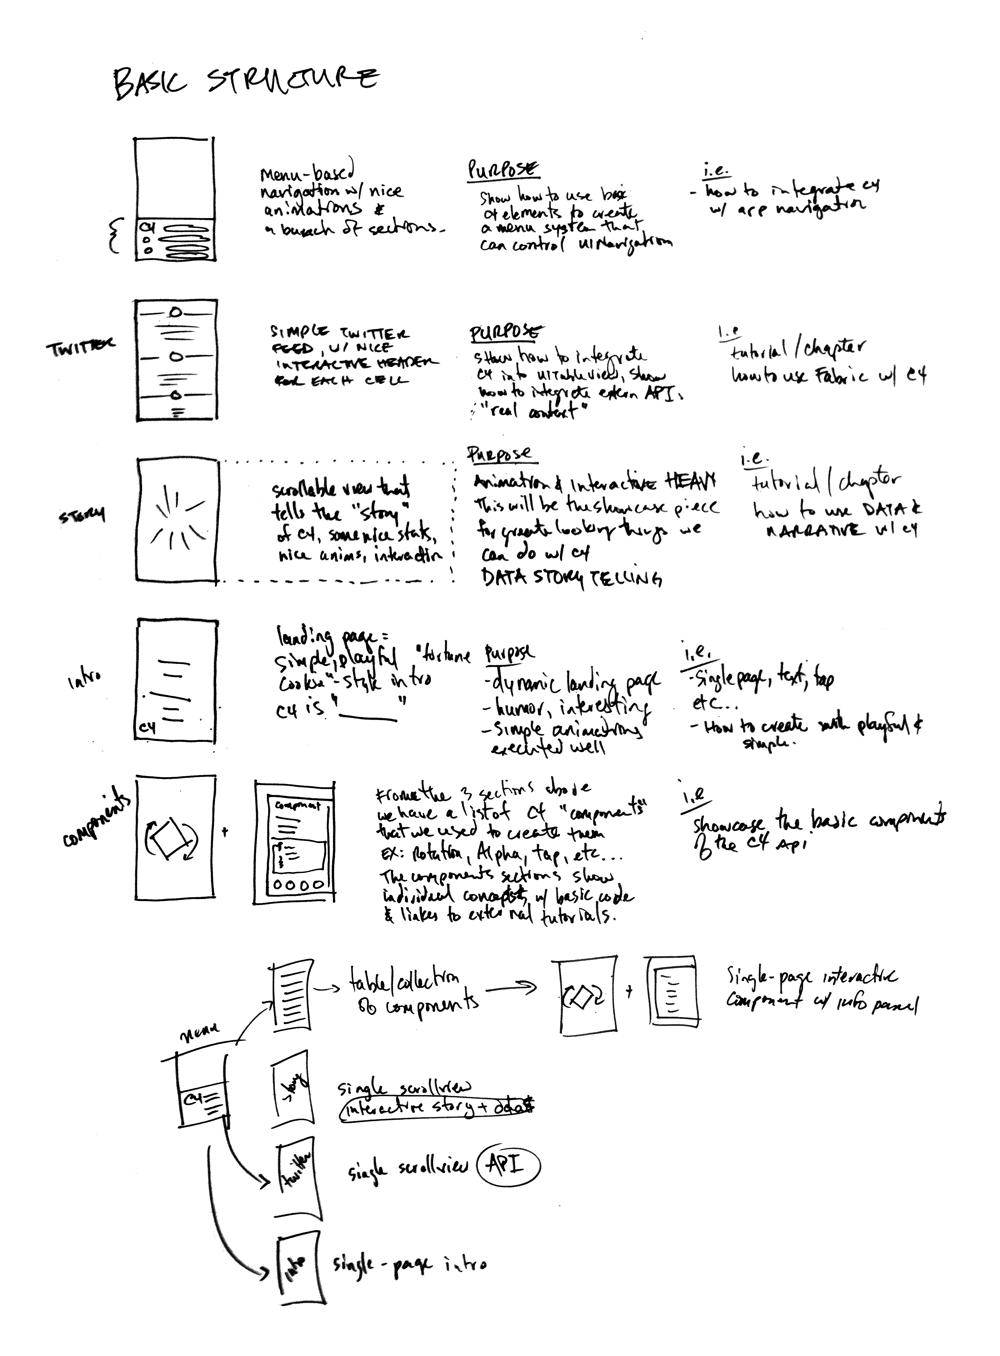 关于如何架构 C4 例子的应用程序的手稿